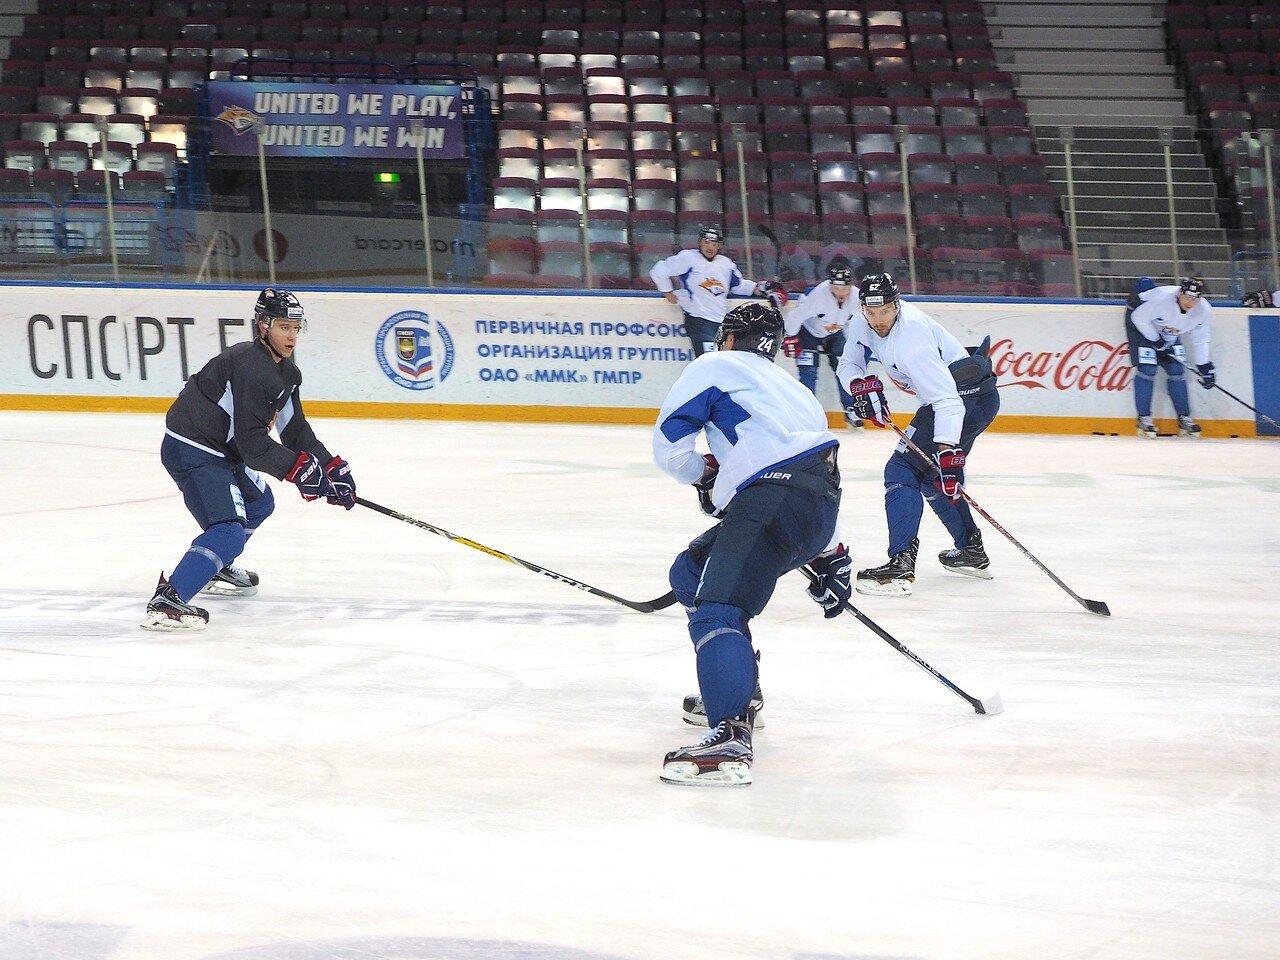 29 Открытая тренировка перед финалом плей-офф восточной конференции КХЛ 2017 22.03.2017